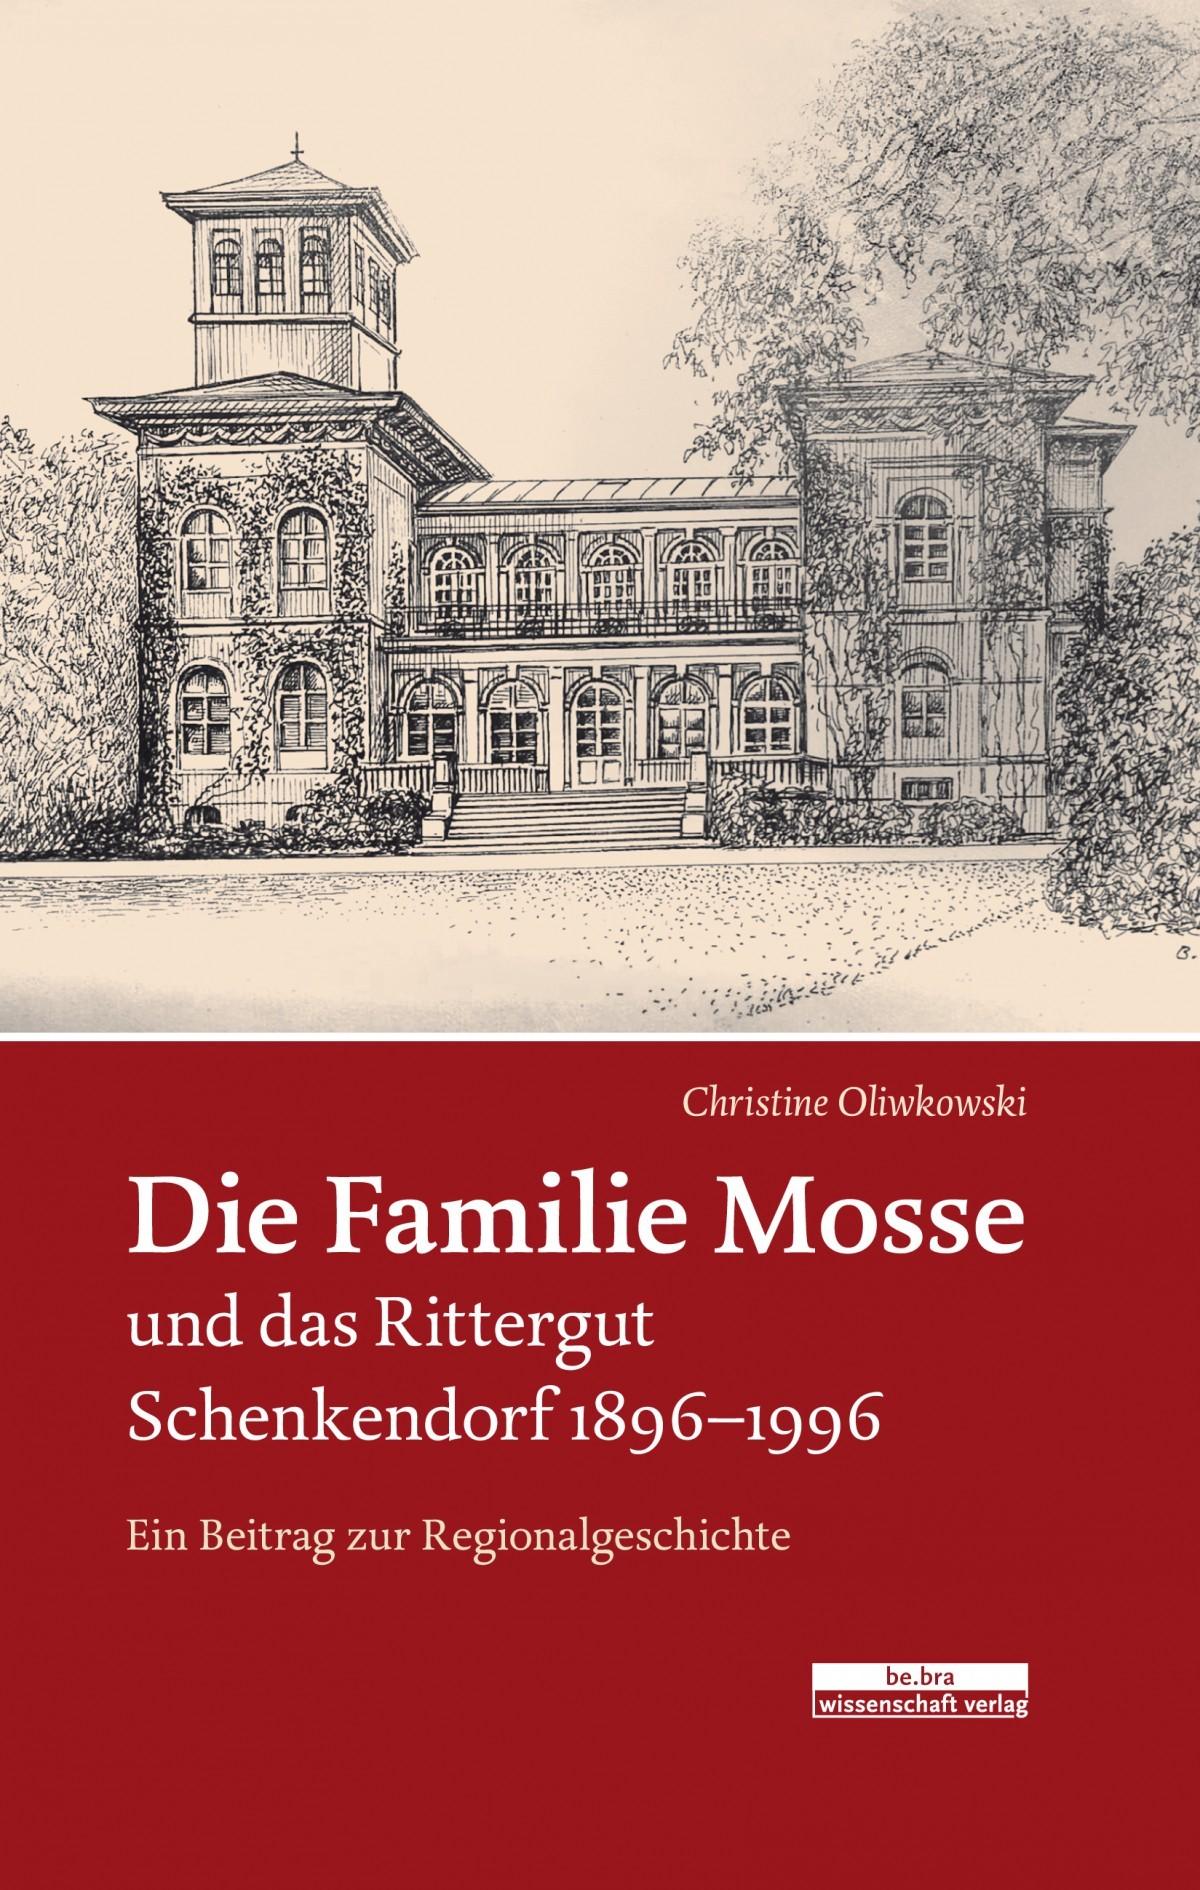 Die Familie Mosse und das Rittergut Schenkendorf 1896-1996 | Oliwkowski, 2017 | Buch (Cover)